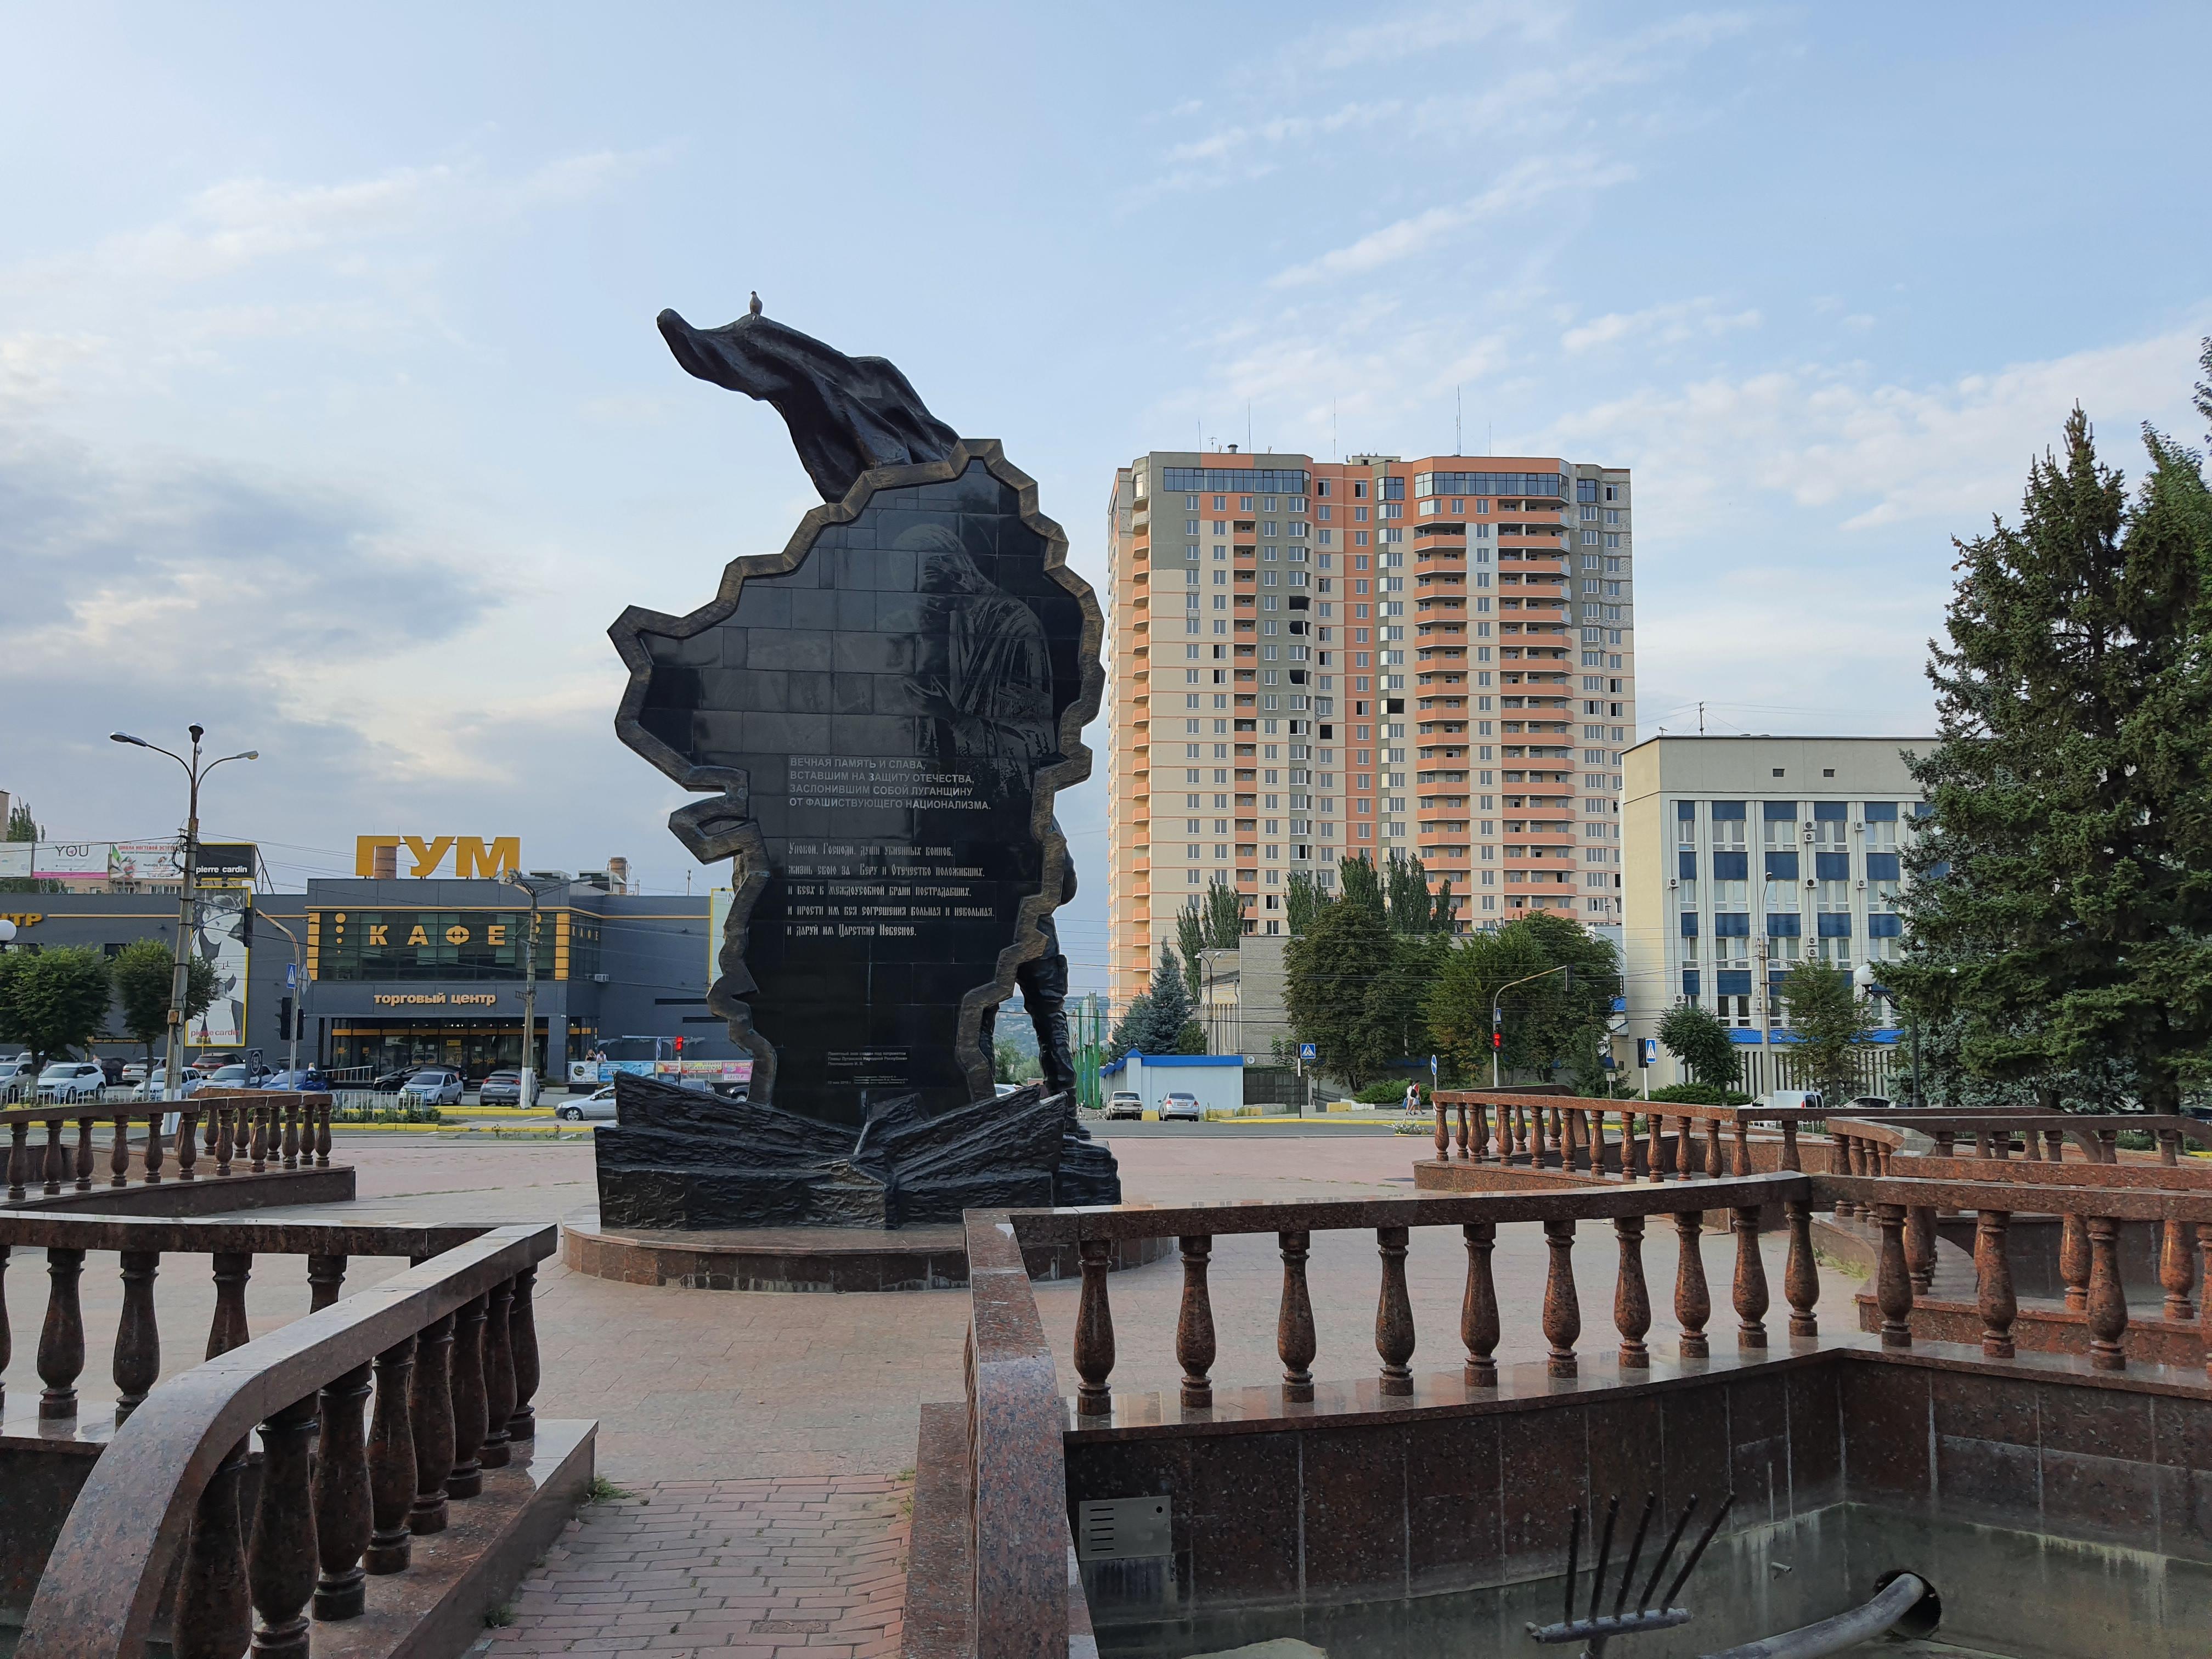 Памятник напротив бывшего здания СБУ в Луганске. Вид сзади